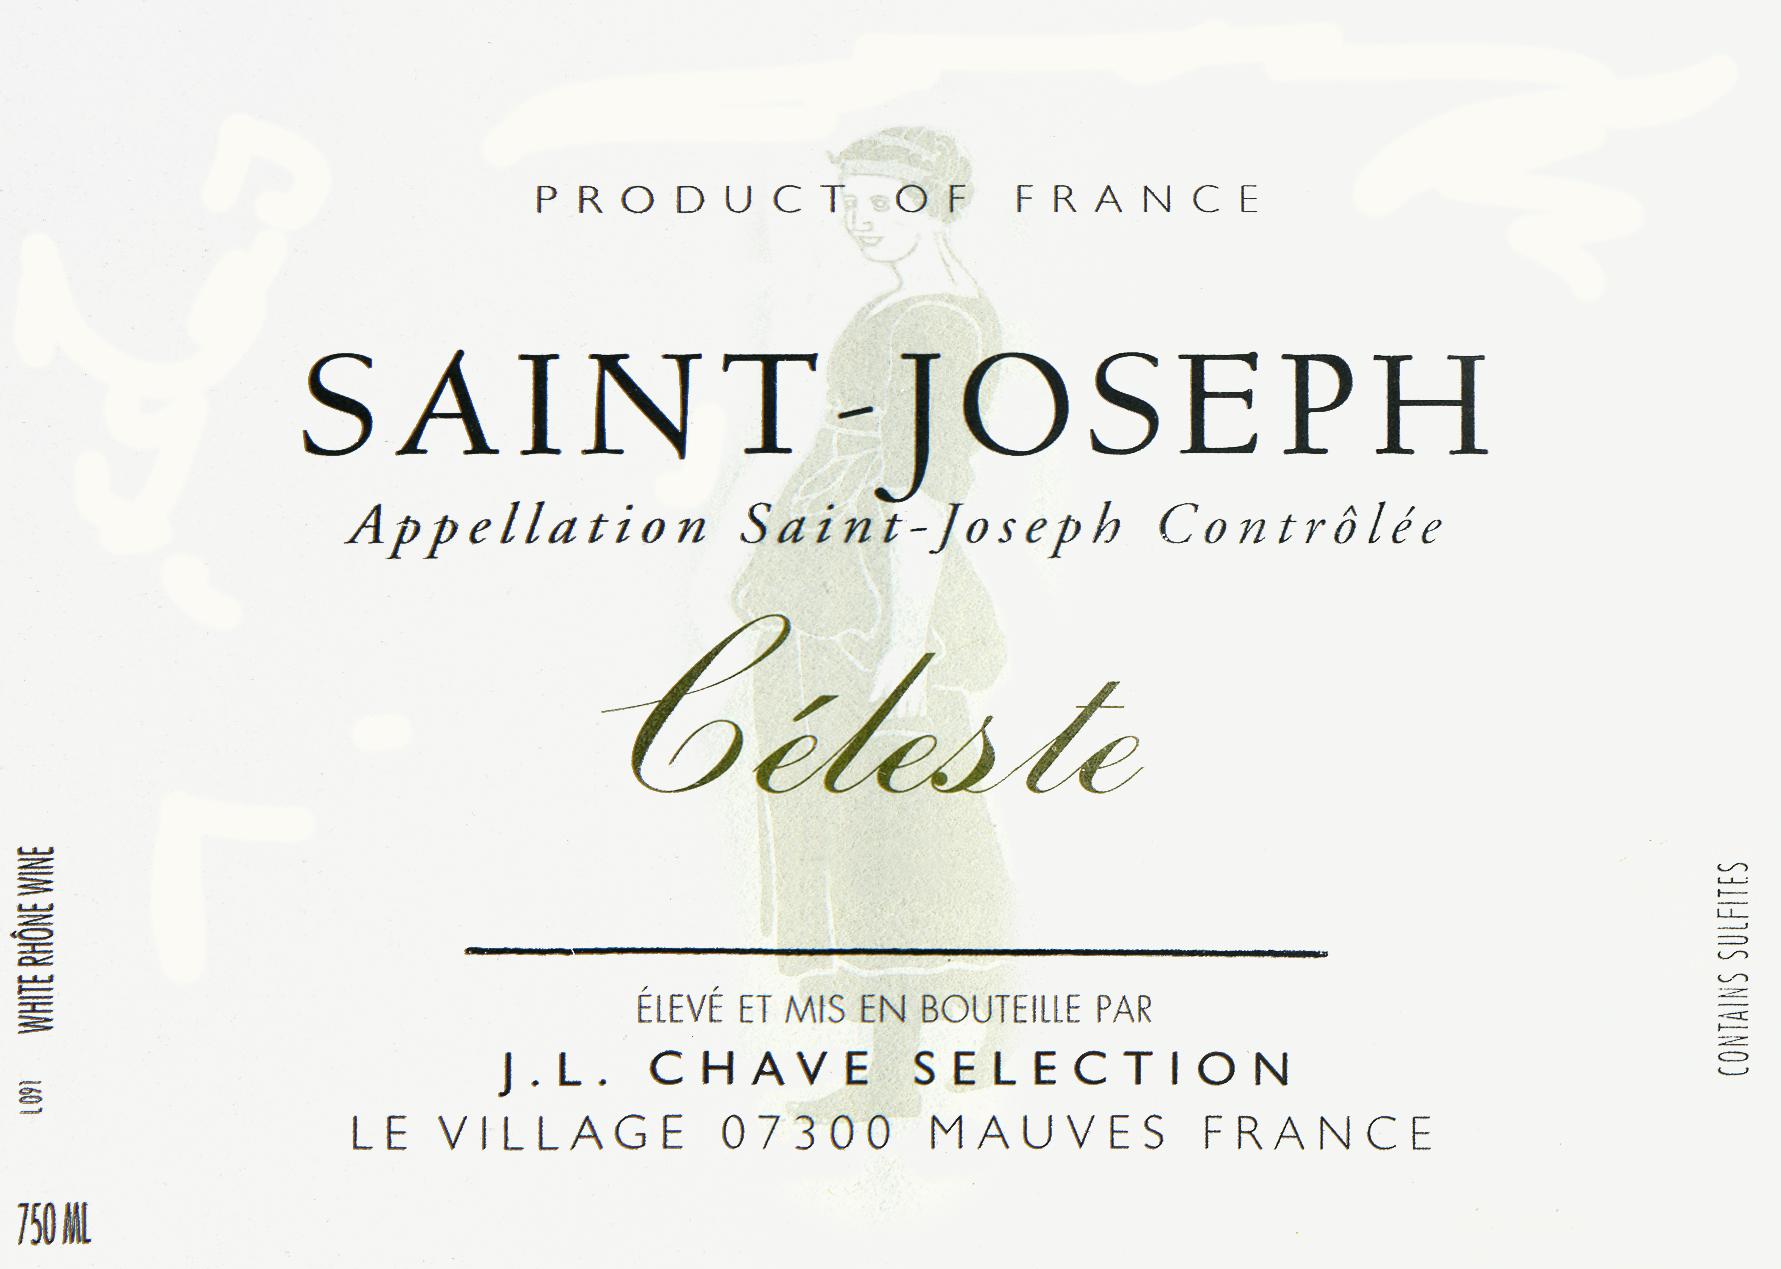 Jean Louis Chave Celeste St. Joseph Blanc 2017